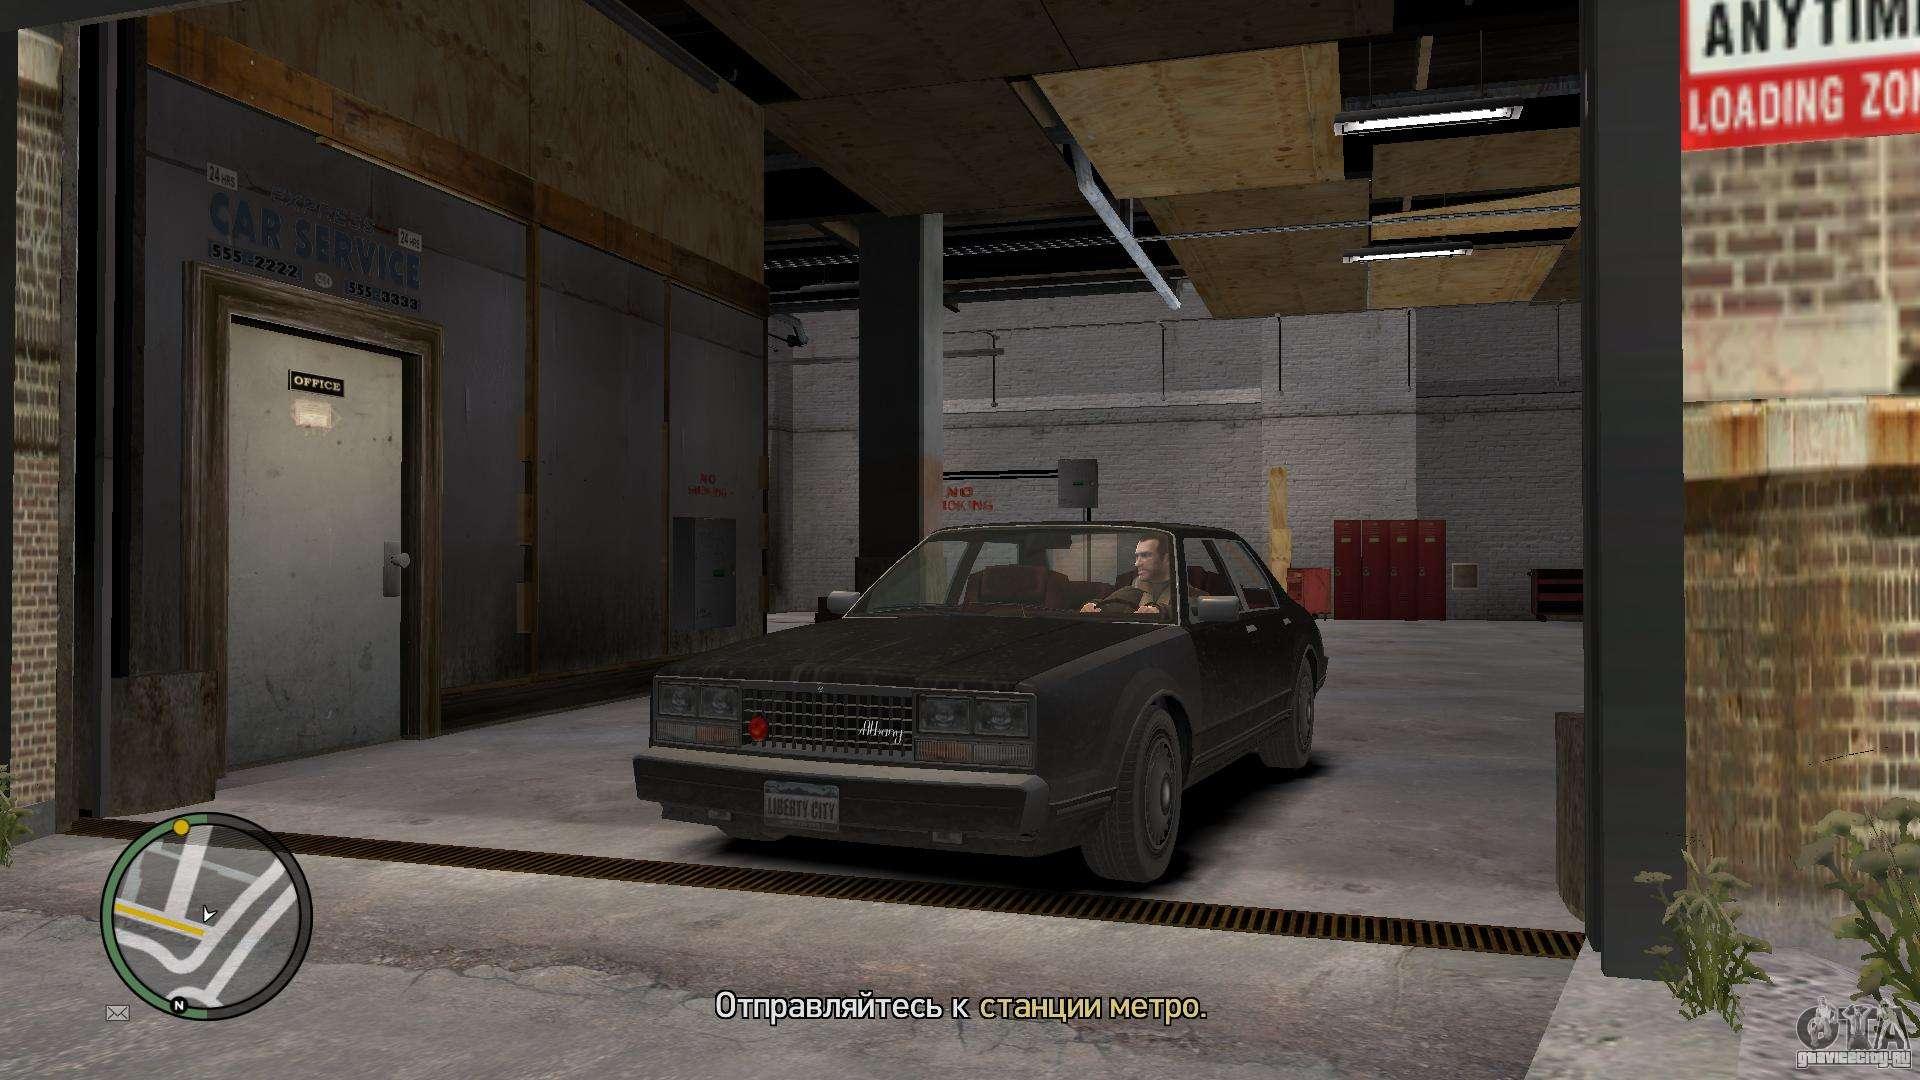 Русификатор для Grand theft Auto IV от 1С; Русификатор GTA 4